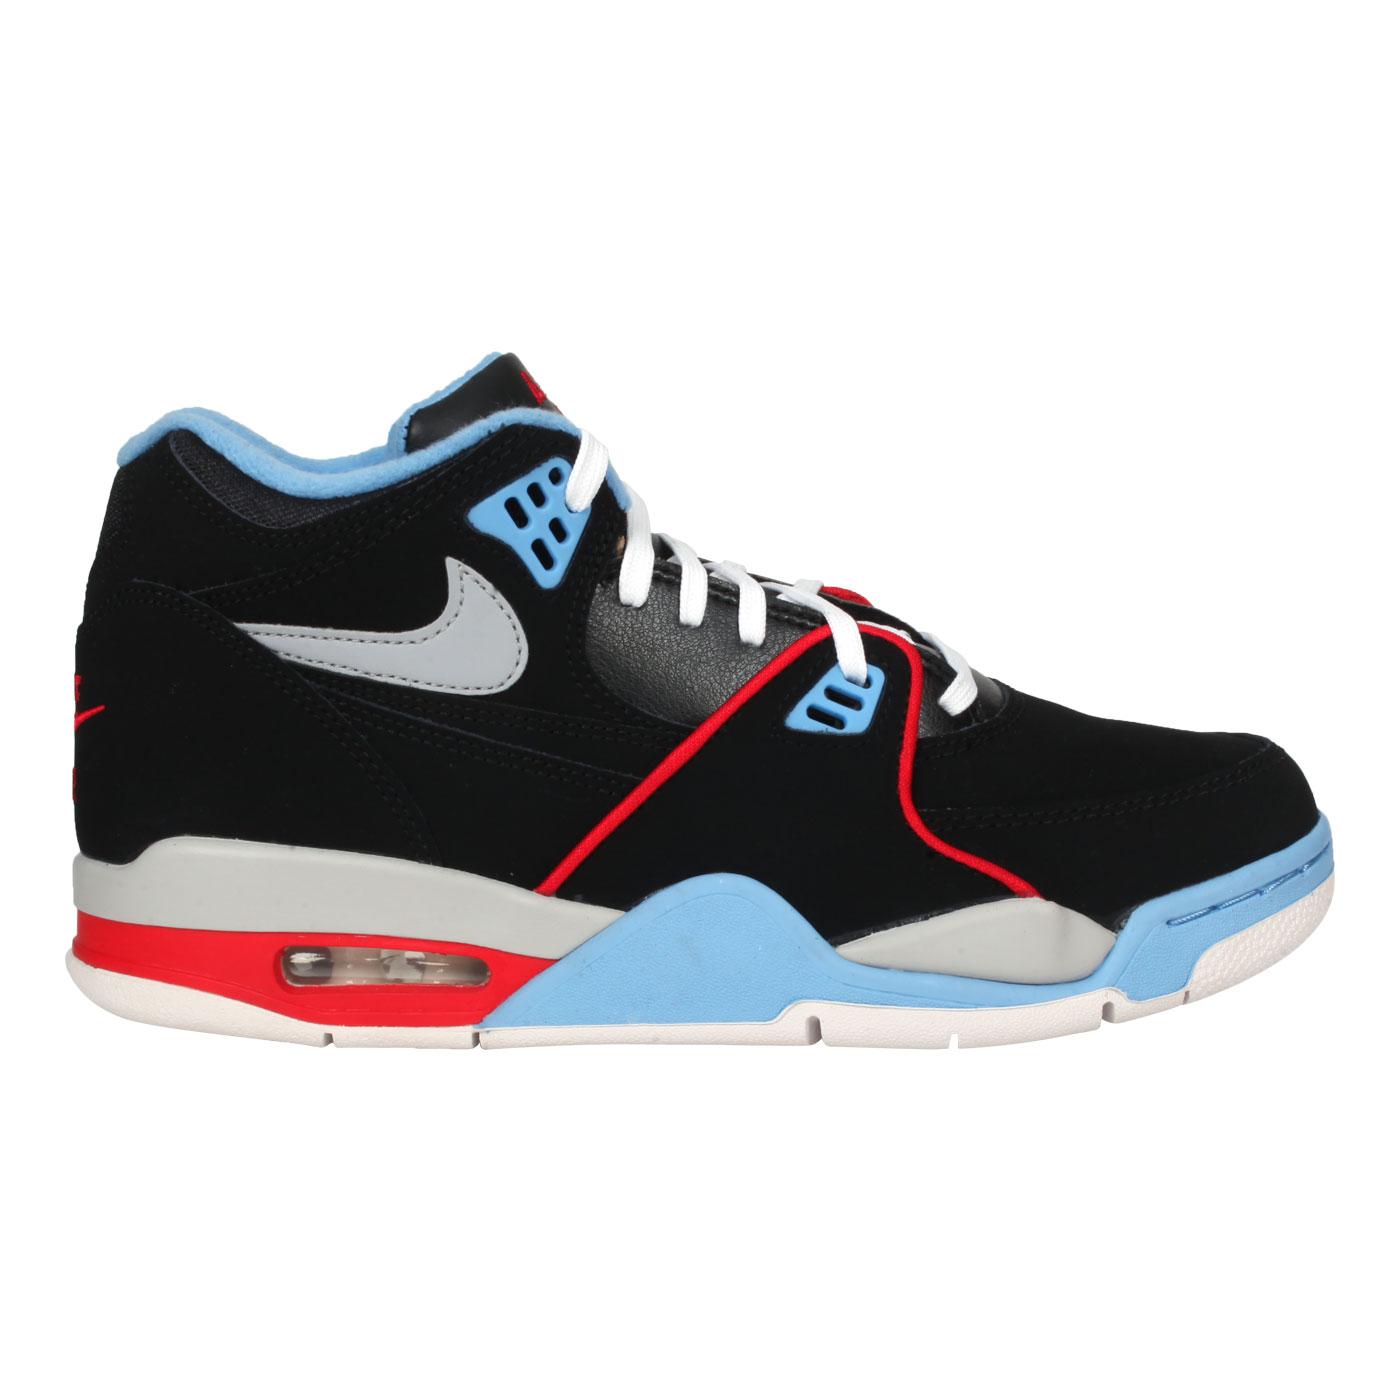 NIKE 男款運動鞋  @AIR FLIGHT 89@DB5918001 - 黑藍紅